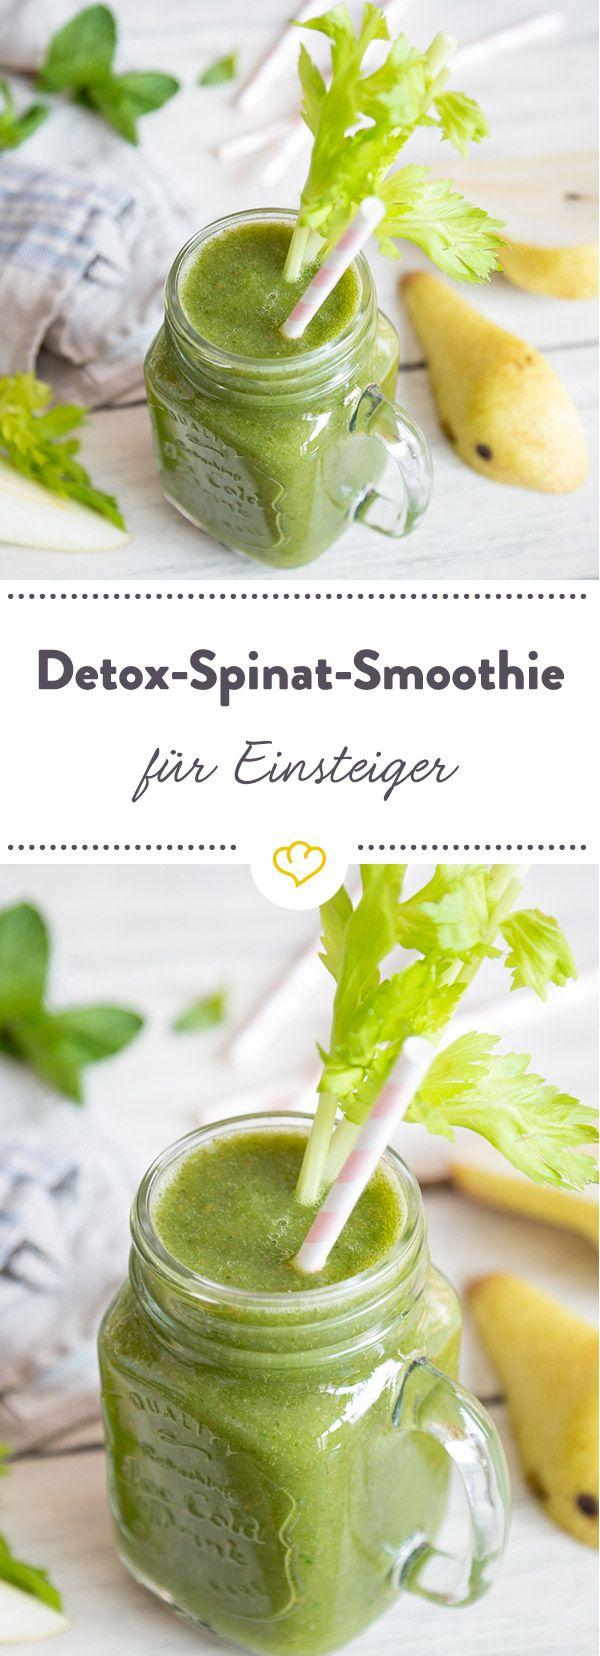 Wie lecker Detox sein kann, beweist dieser grüne Smoothie mit Spinat, Sellerie, Gurke und Birne, Zitrone, Honig. Perfekt für süße Smoothiemäuler.